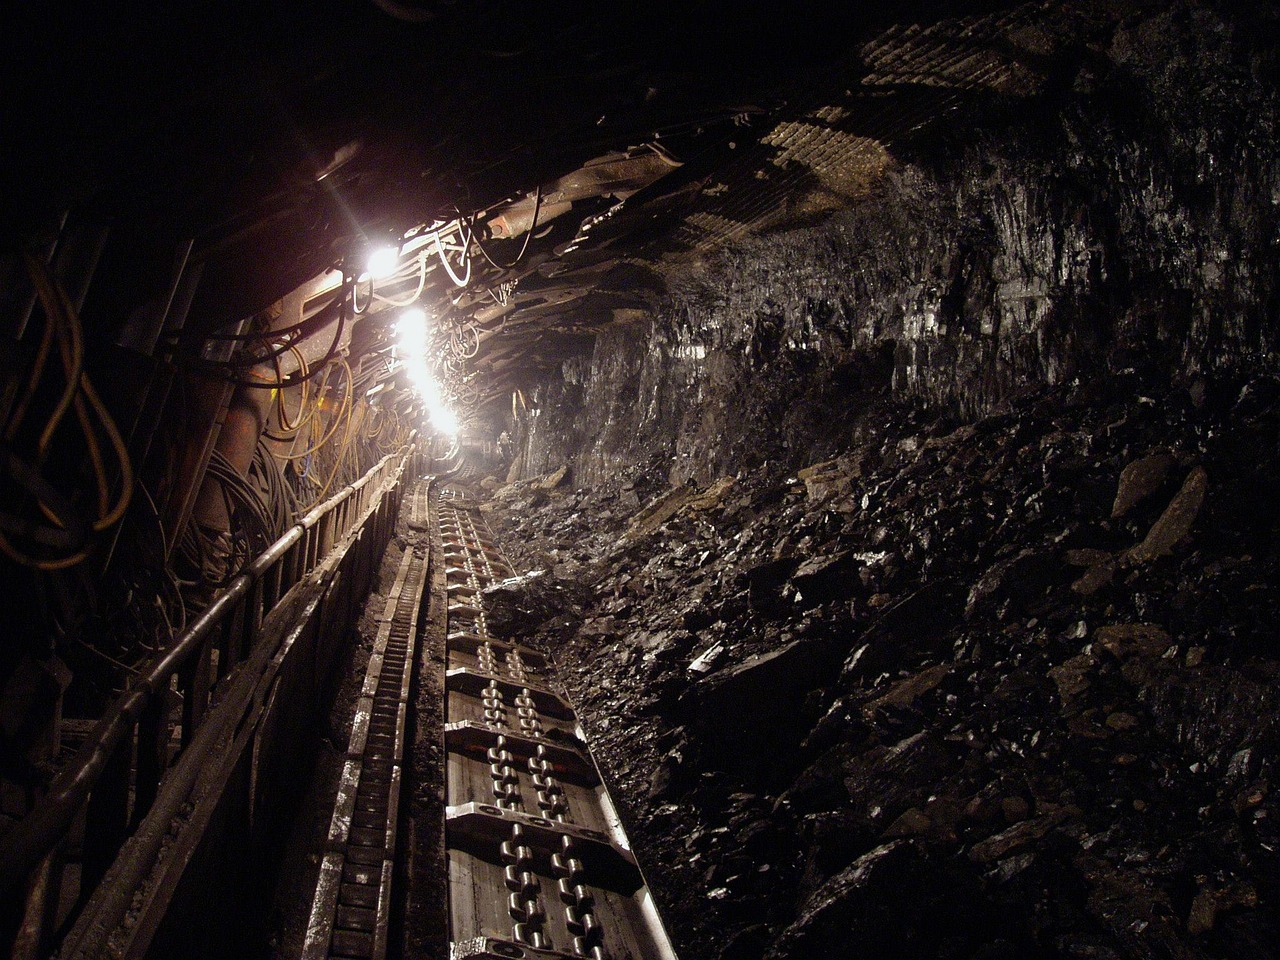 kopalnia górnictwo górnicy węgiel - Pixabay (autor: hangela)